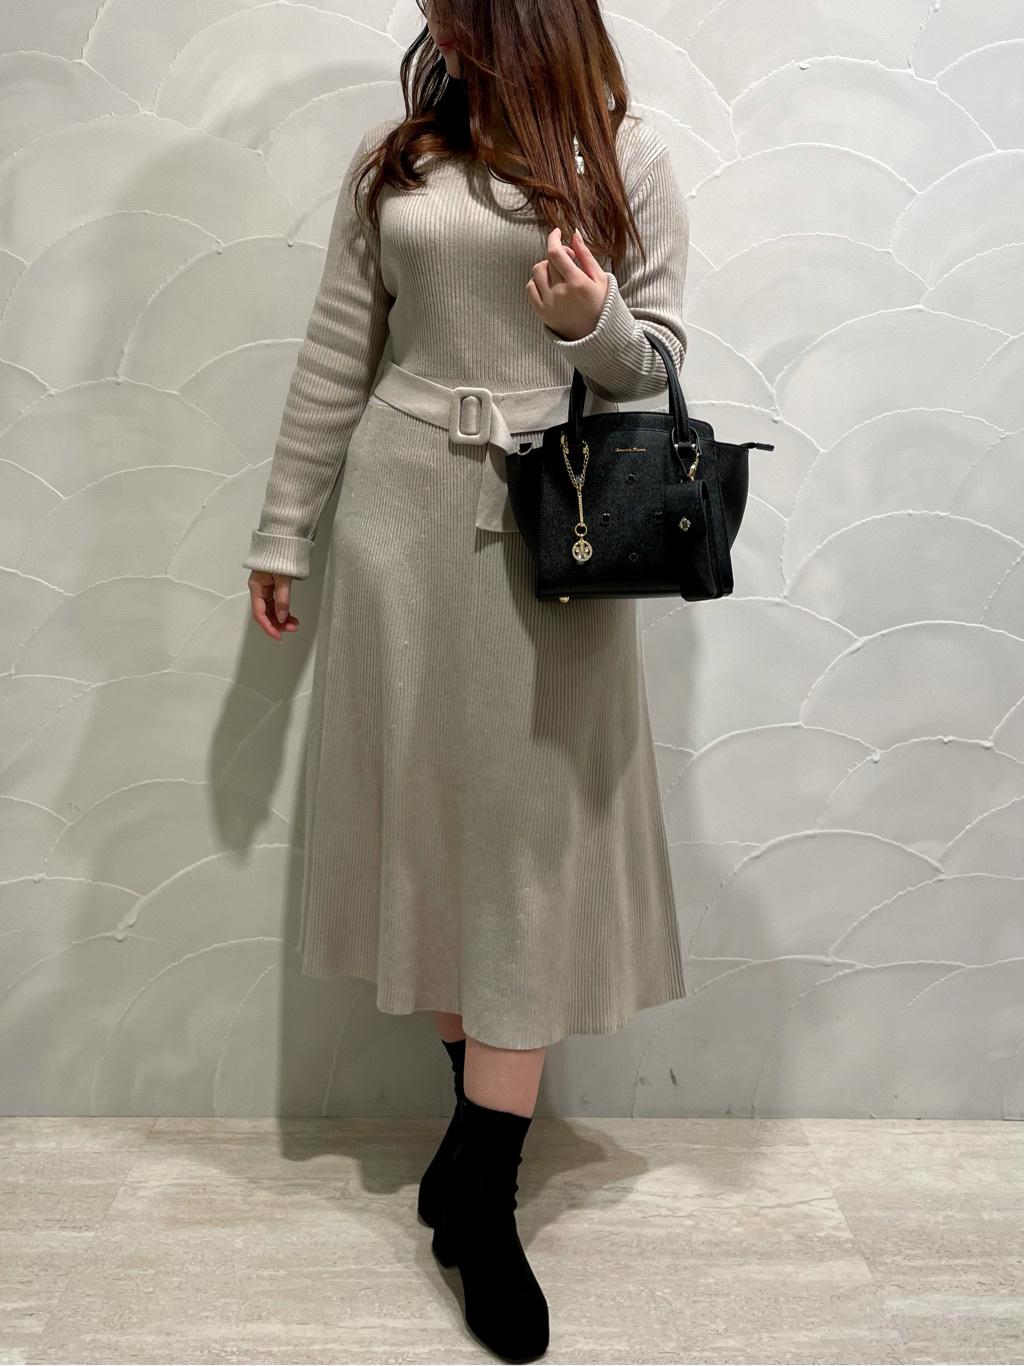 サマンサタバサ ルミネ横浜店 ♥♡misa♡♥